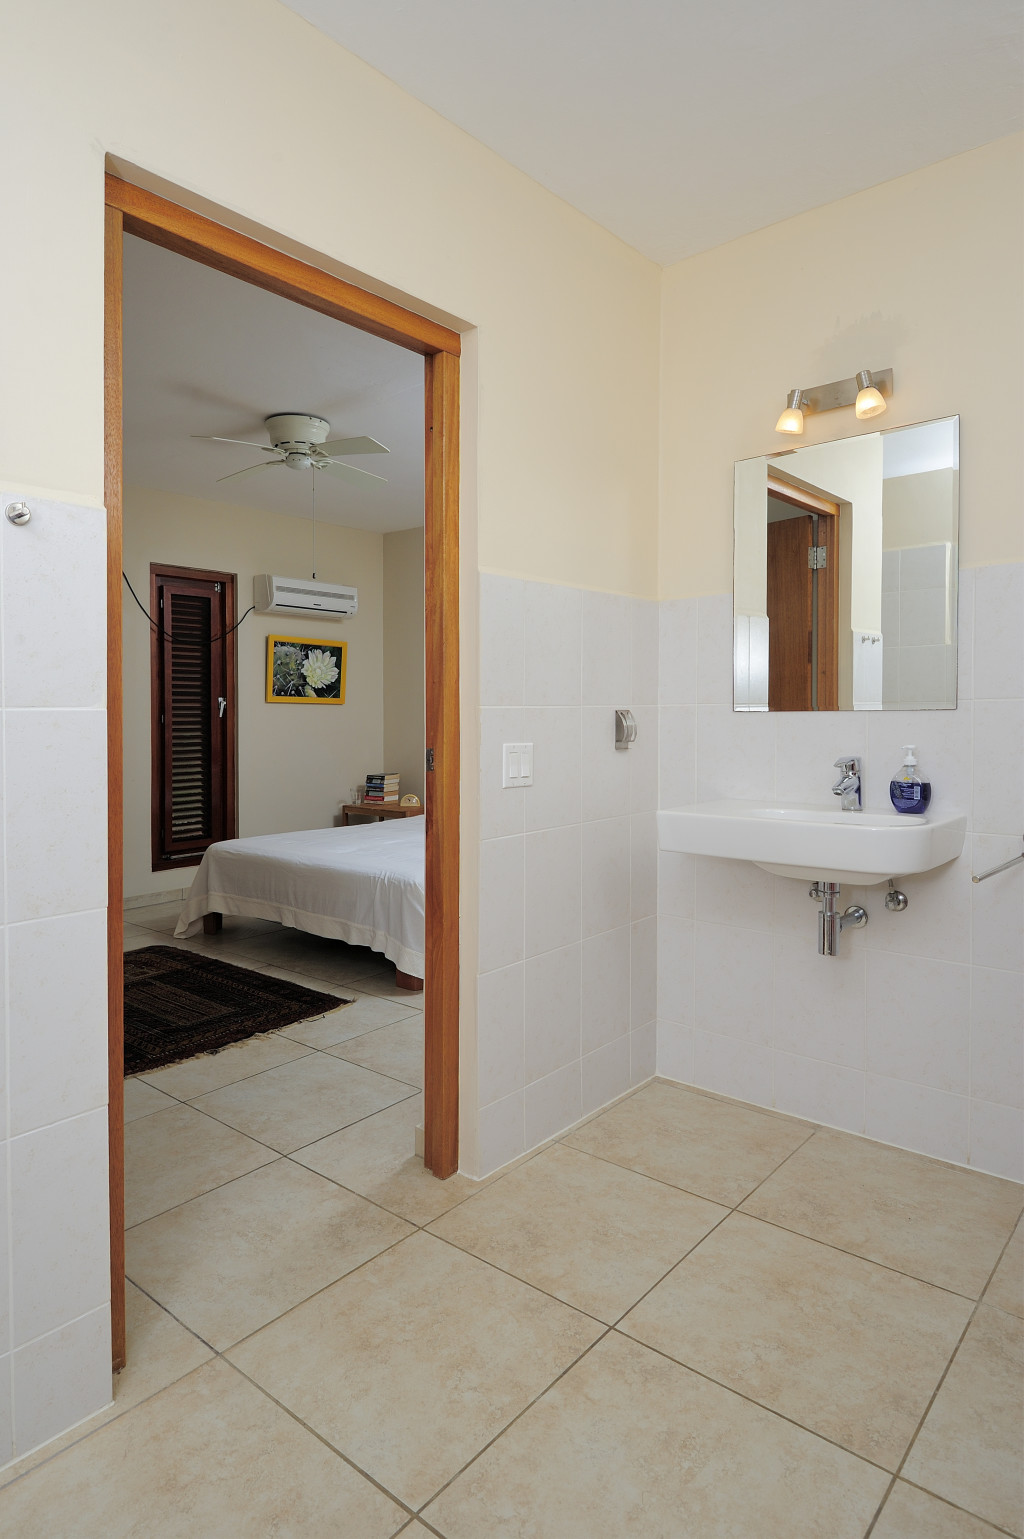 Vakantiehuis bonaireslaapkamer annex badkamer